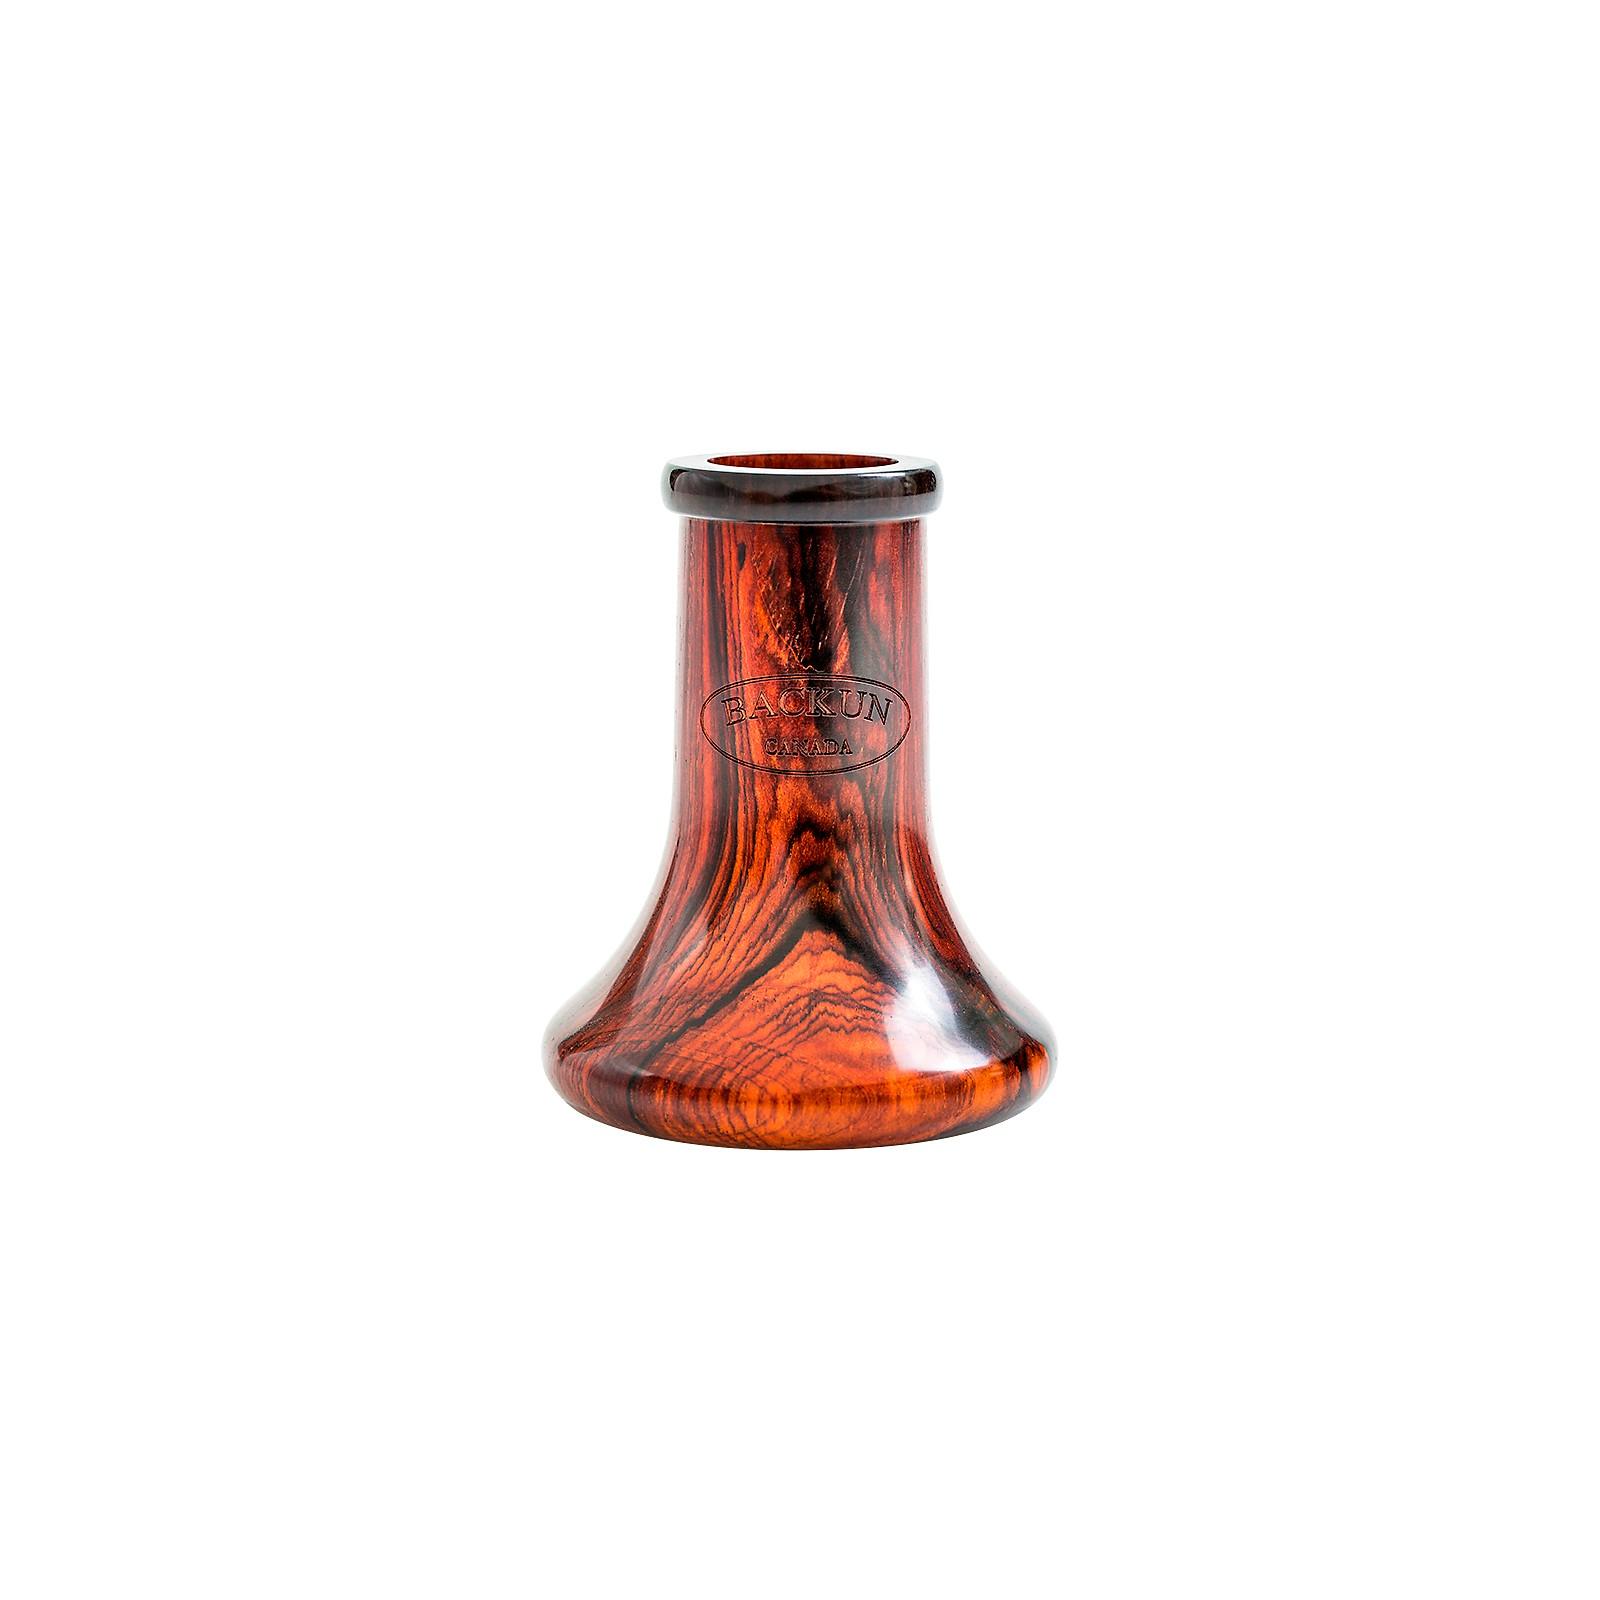 Backun Cocobolo Bell